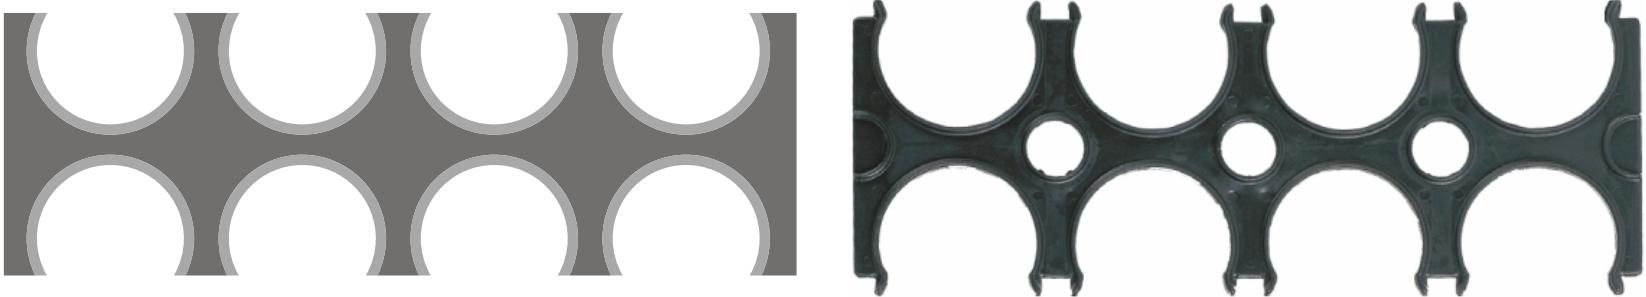 Аксессуары для труб двустенных ELCOR